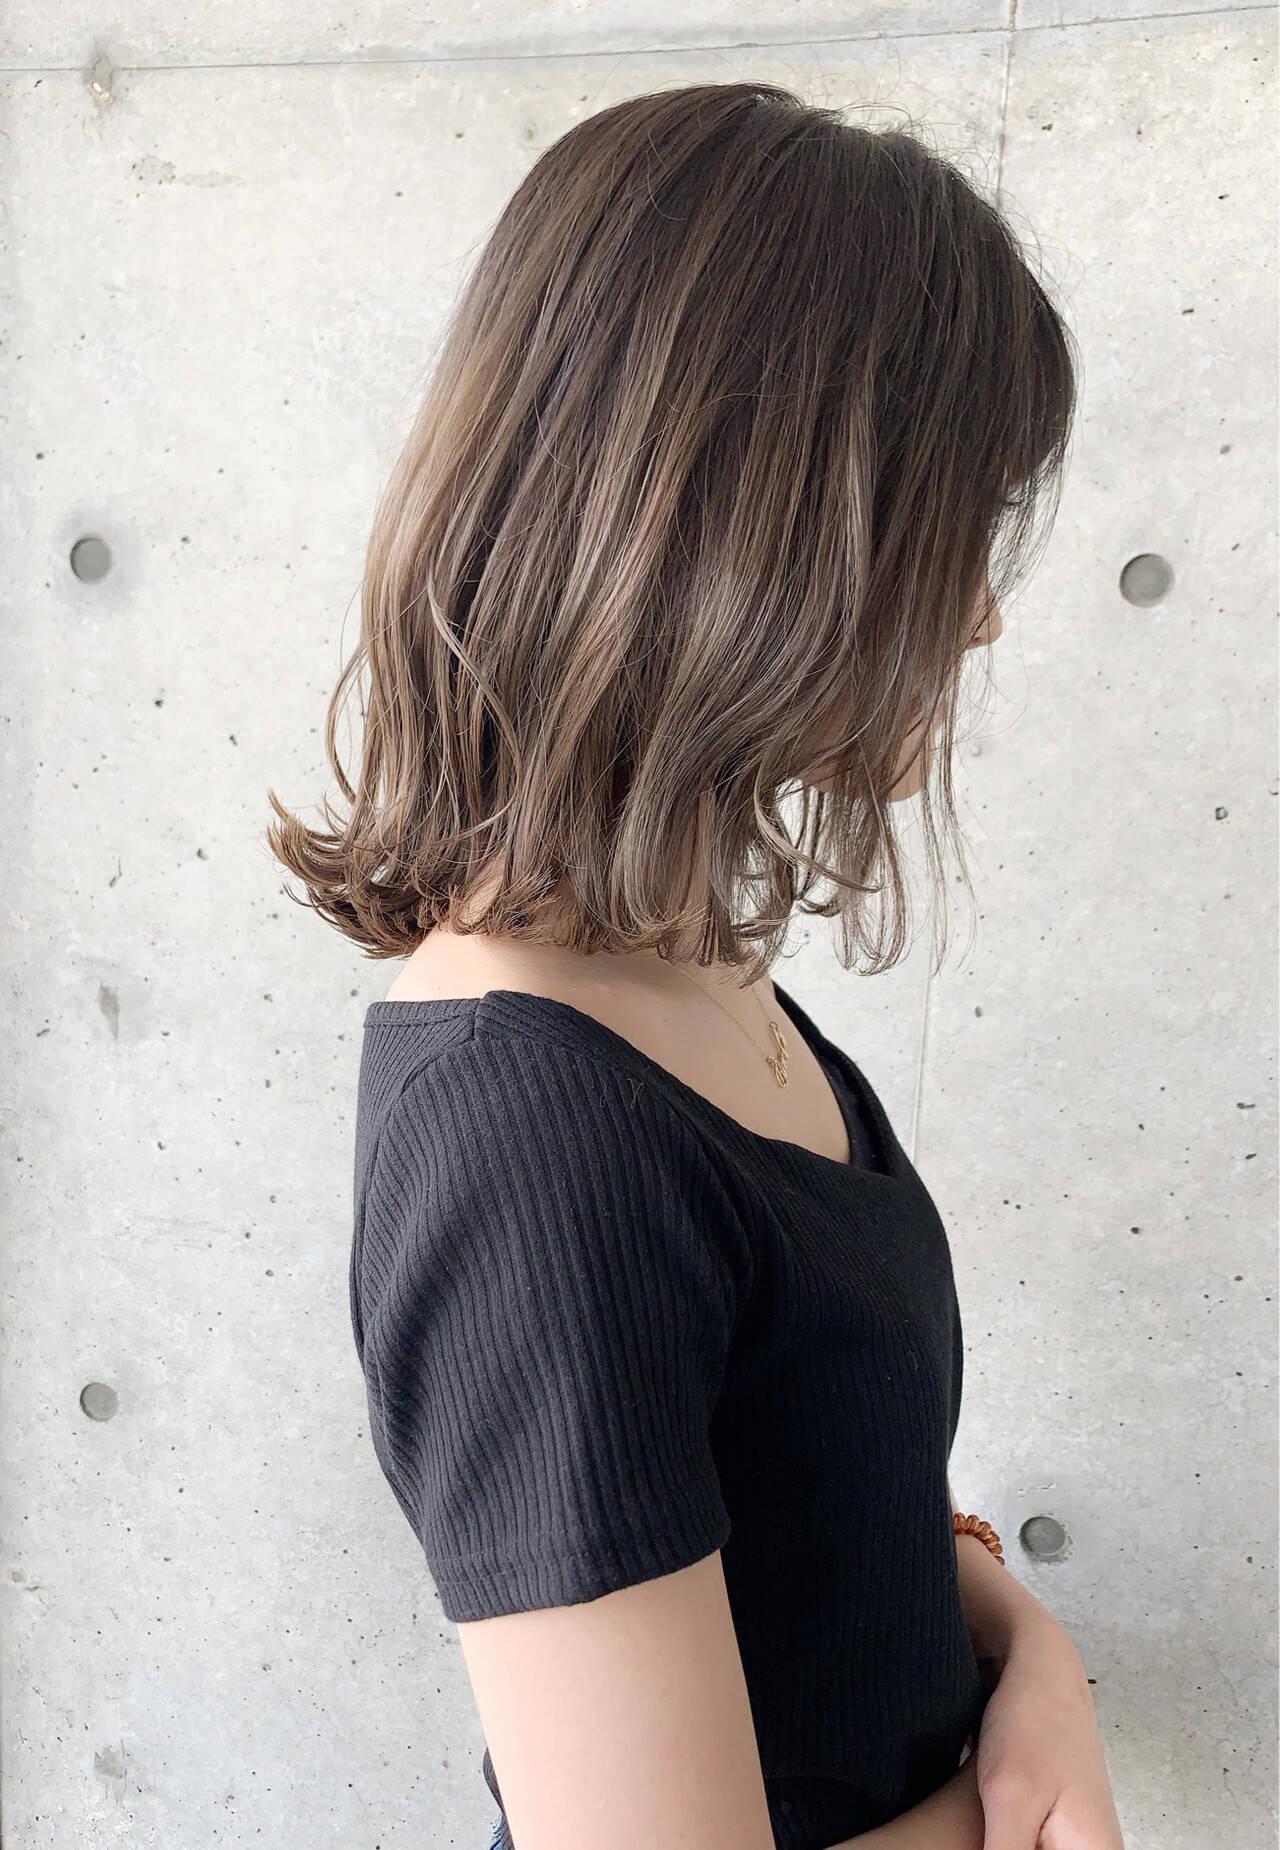 グラデーションカラー ナチュラル 透明感カラー ボブヘアスタイルや髪型の写真・画像